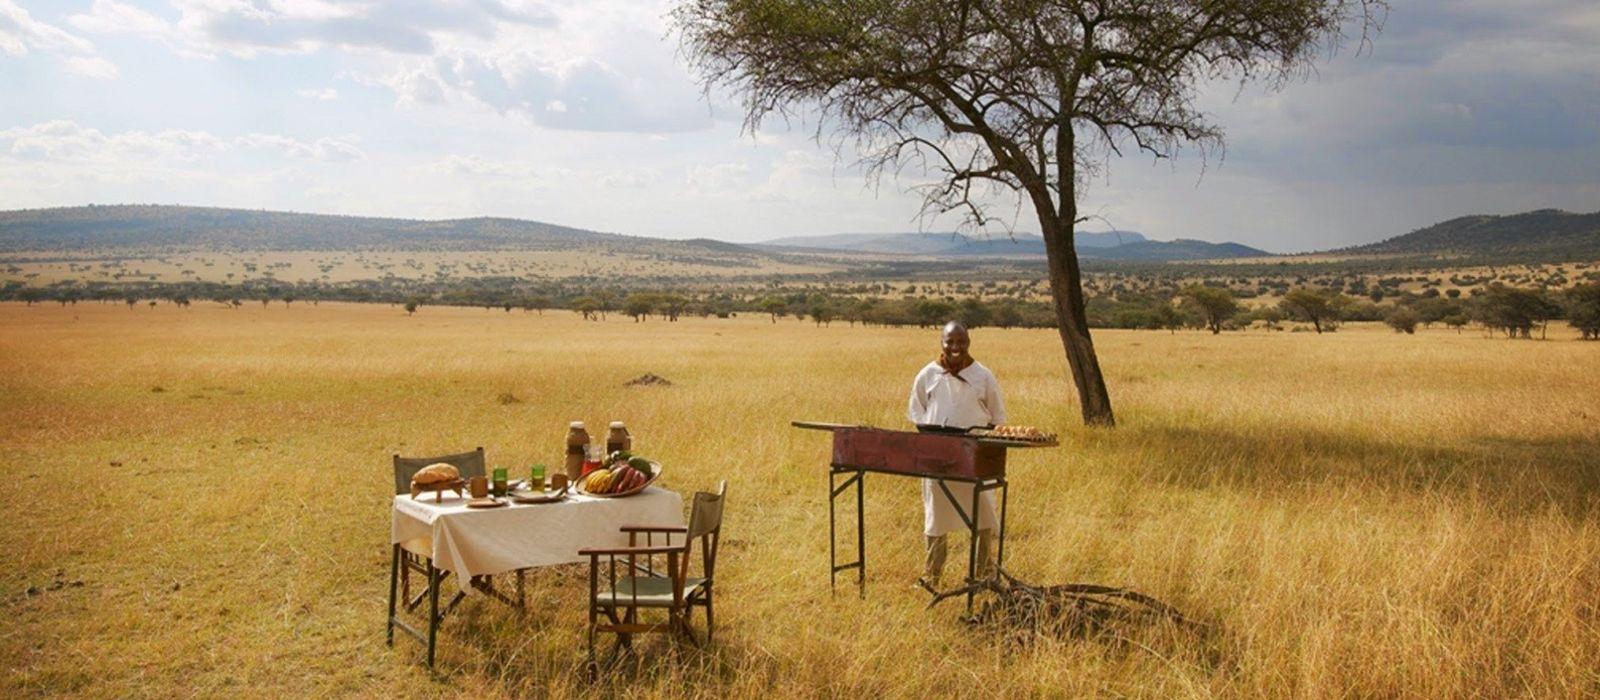 Luxus am See, Wildnis und wilde Tiere in Tanzania Urlaub 2